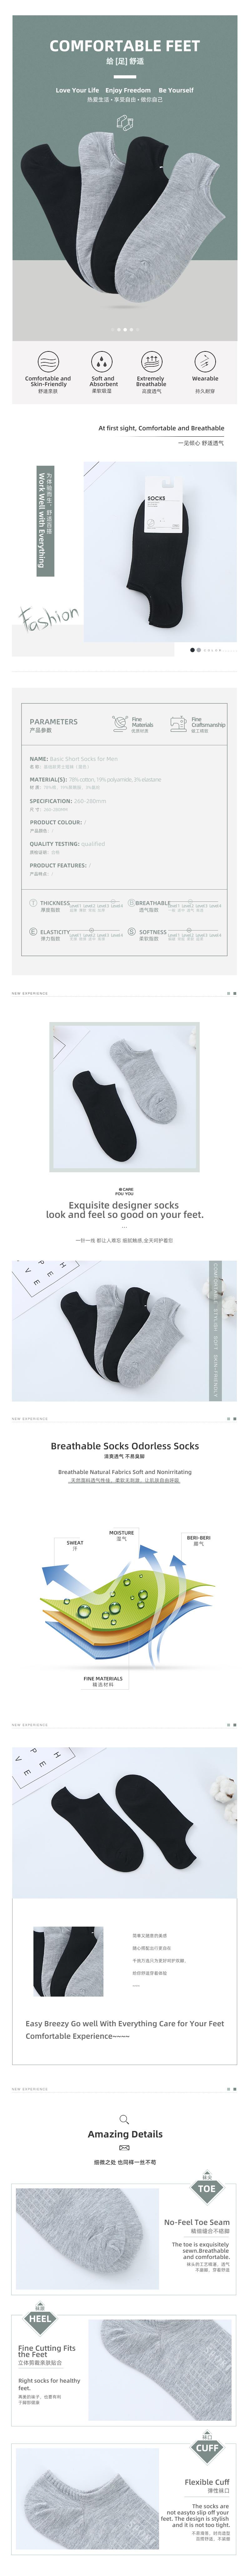 Basic Short Socks for Men